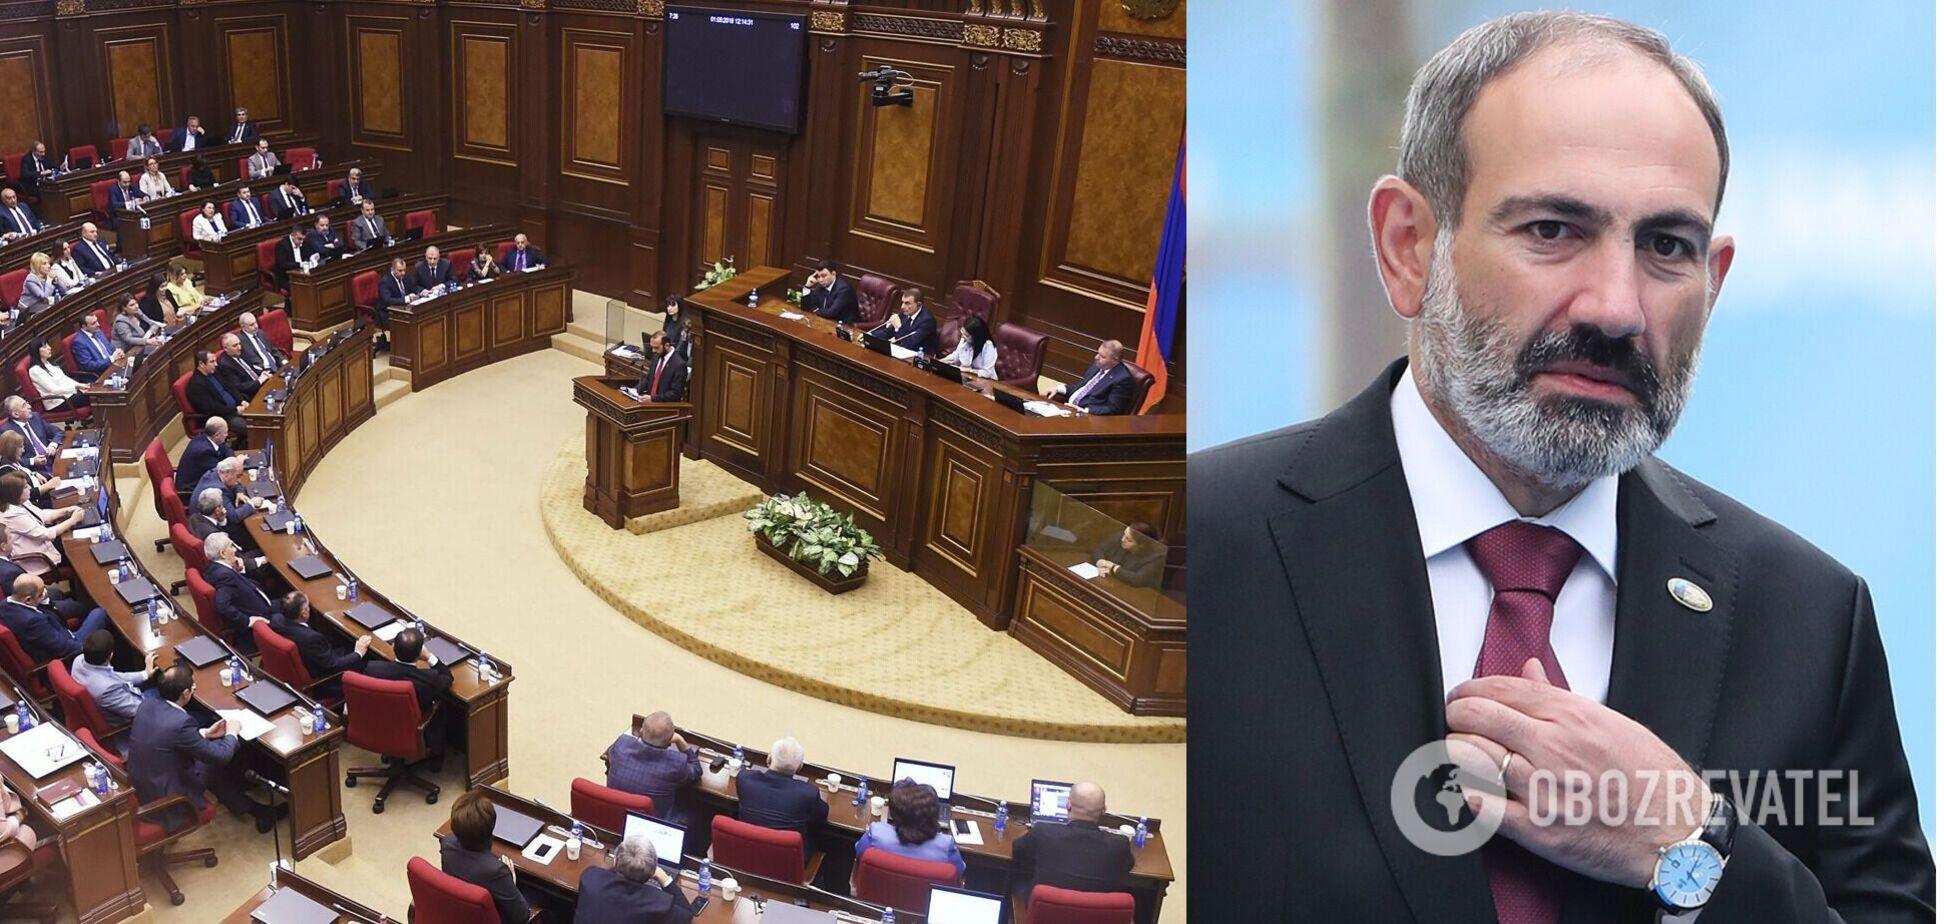 У Вірменії оголосили перевибори через провал з призначенням Пашиняна